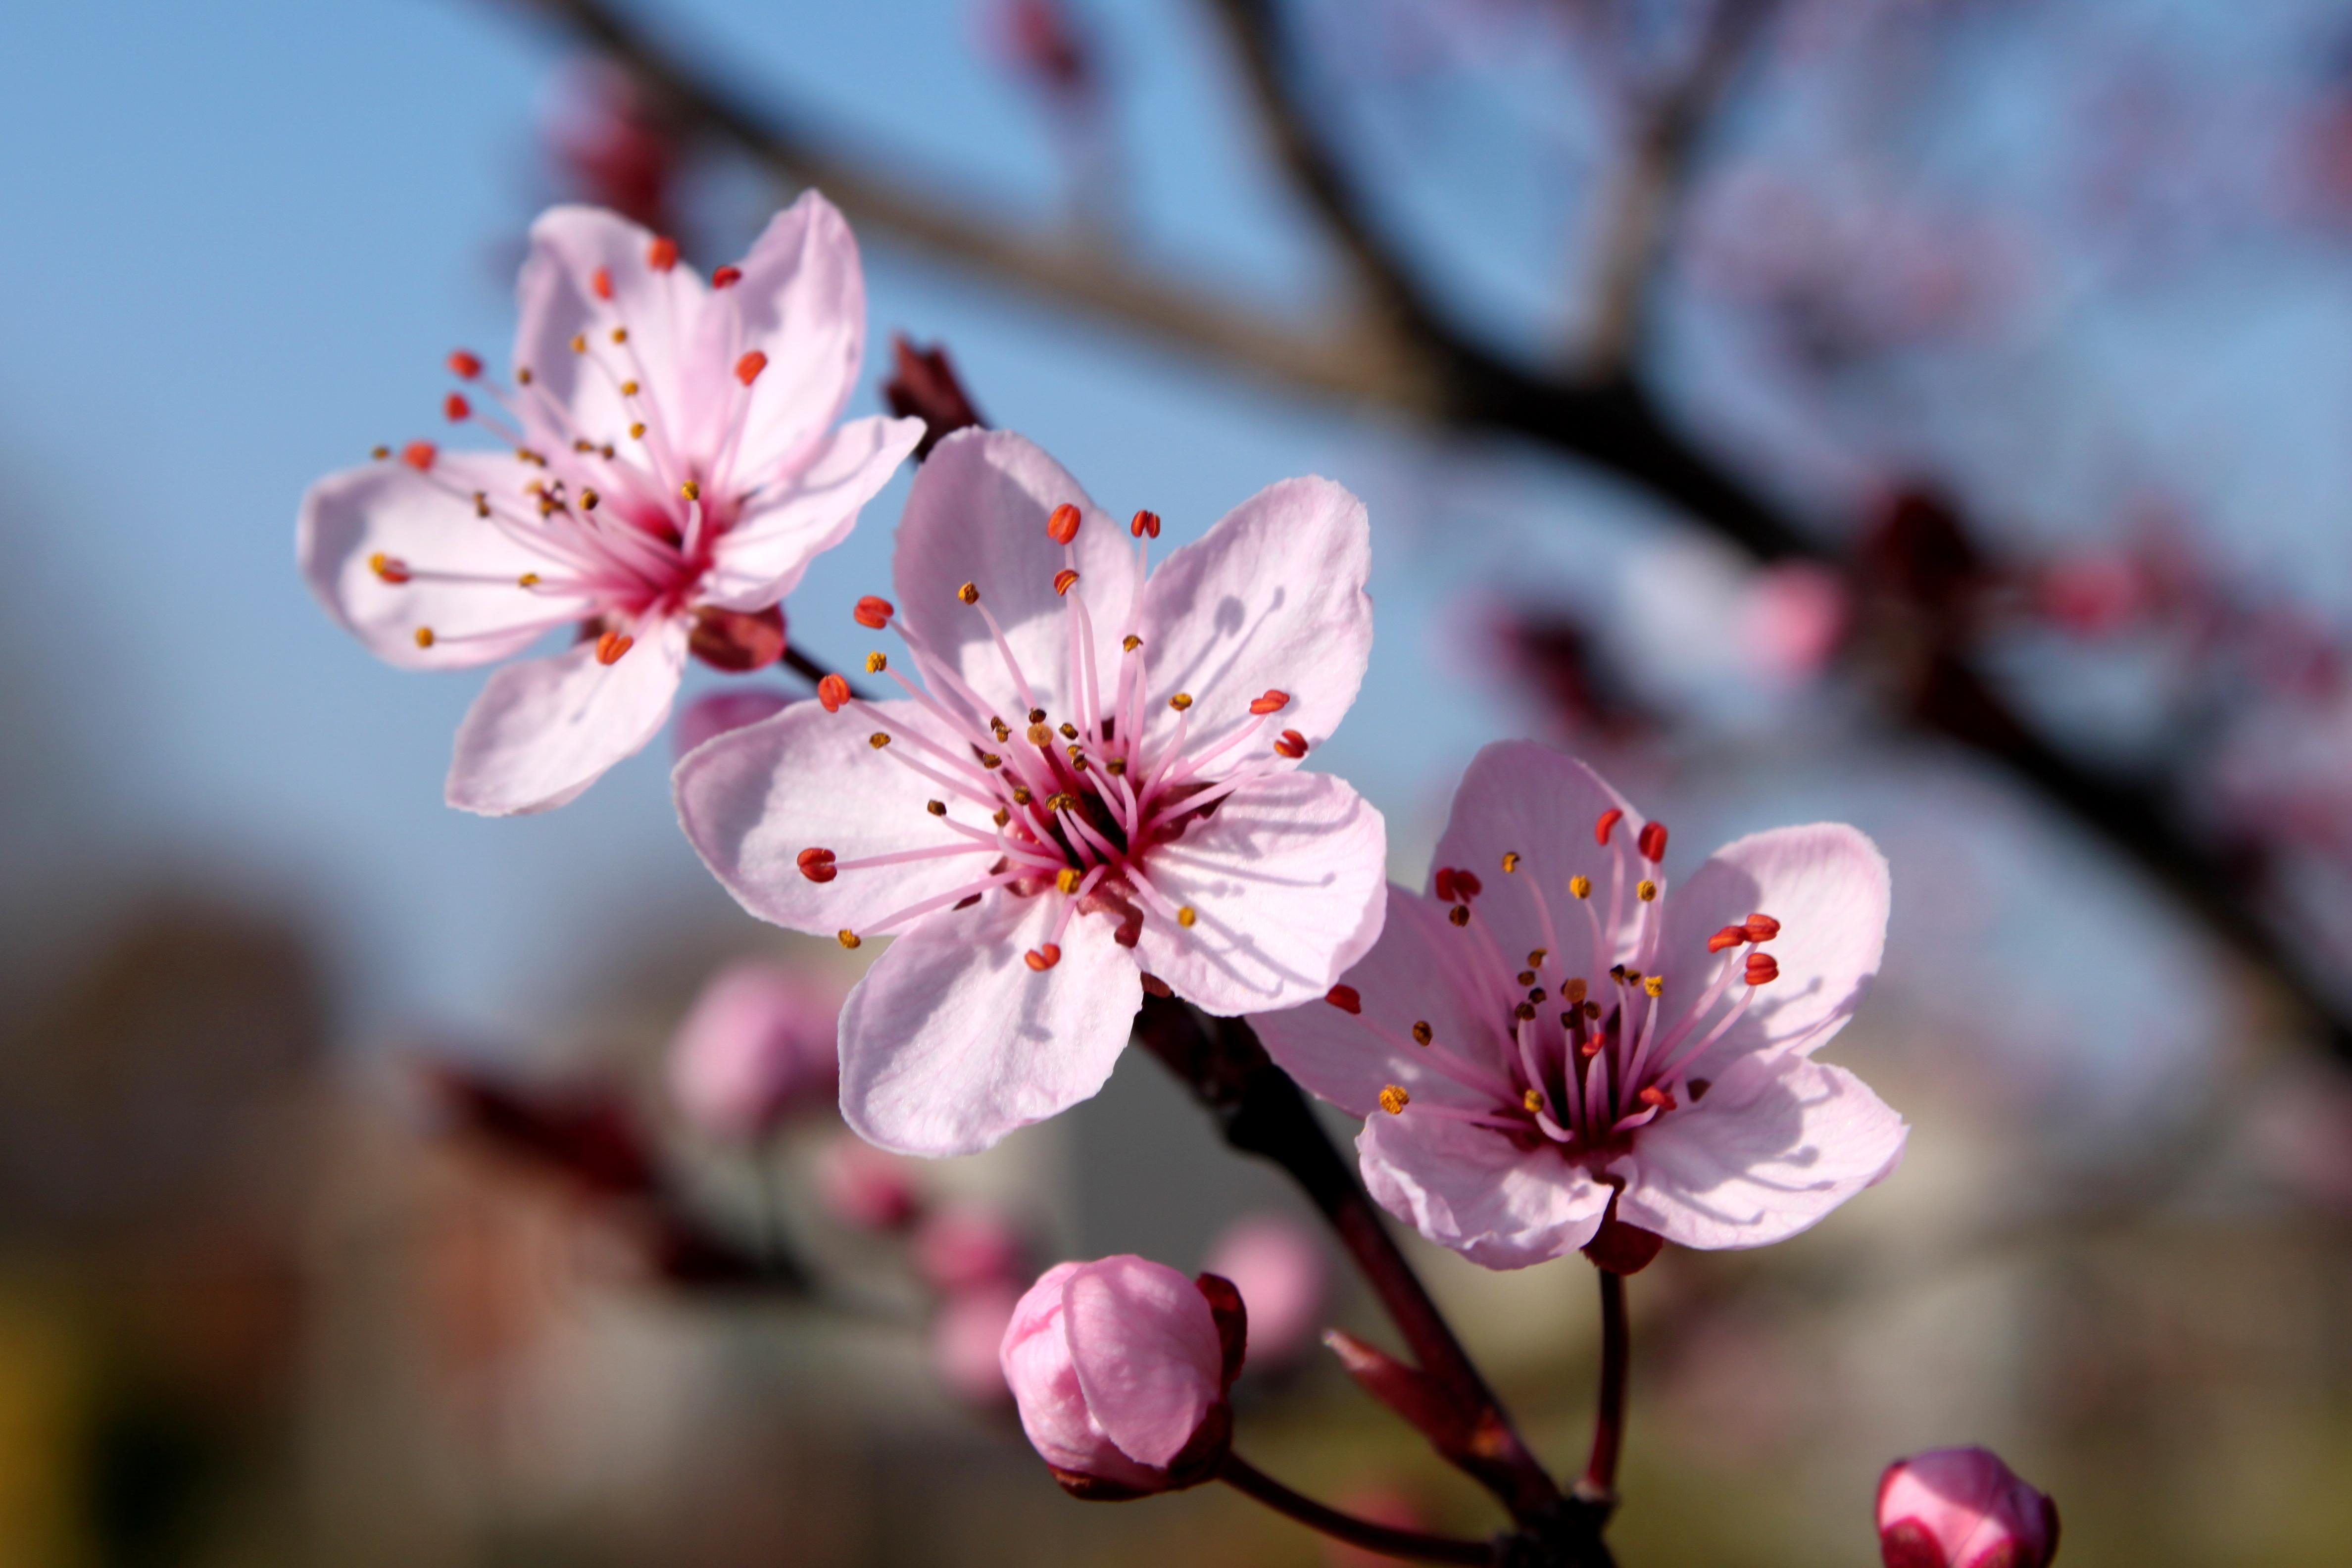 Cherry Blossom 2 by RickyGW on DeviantArt